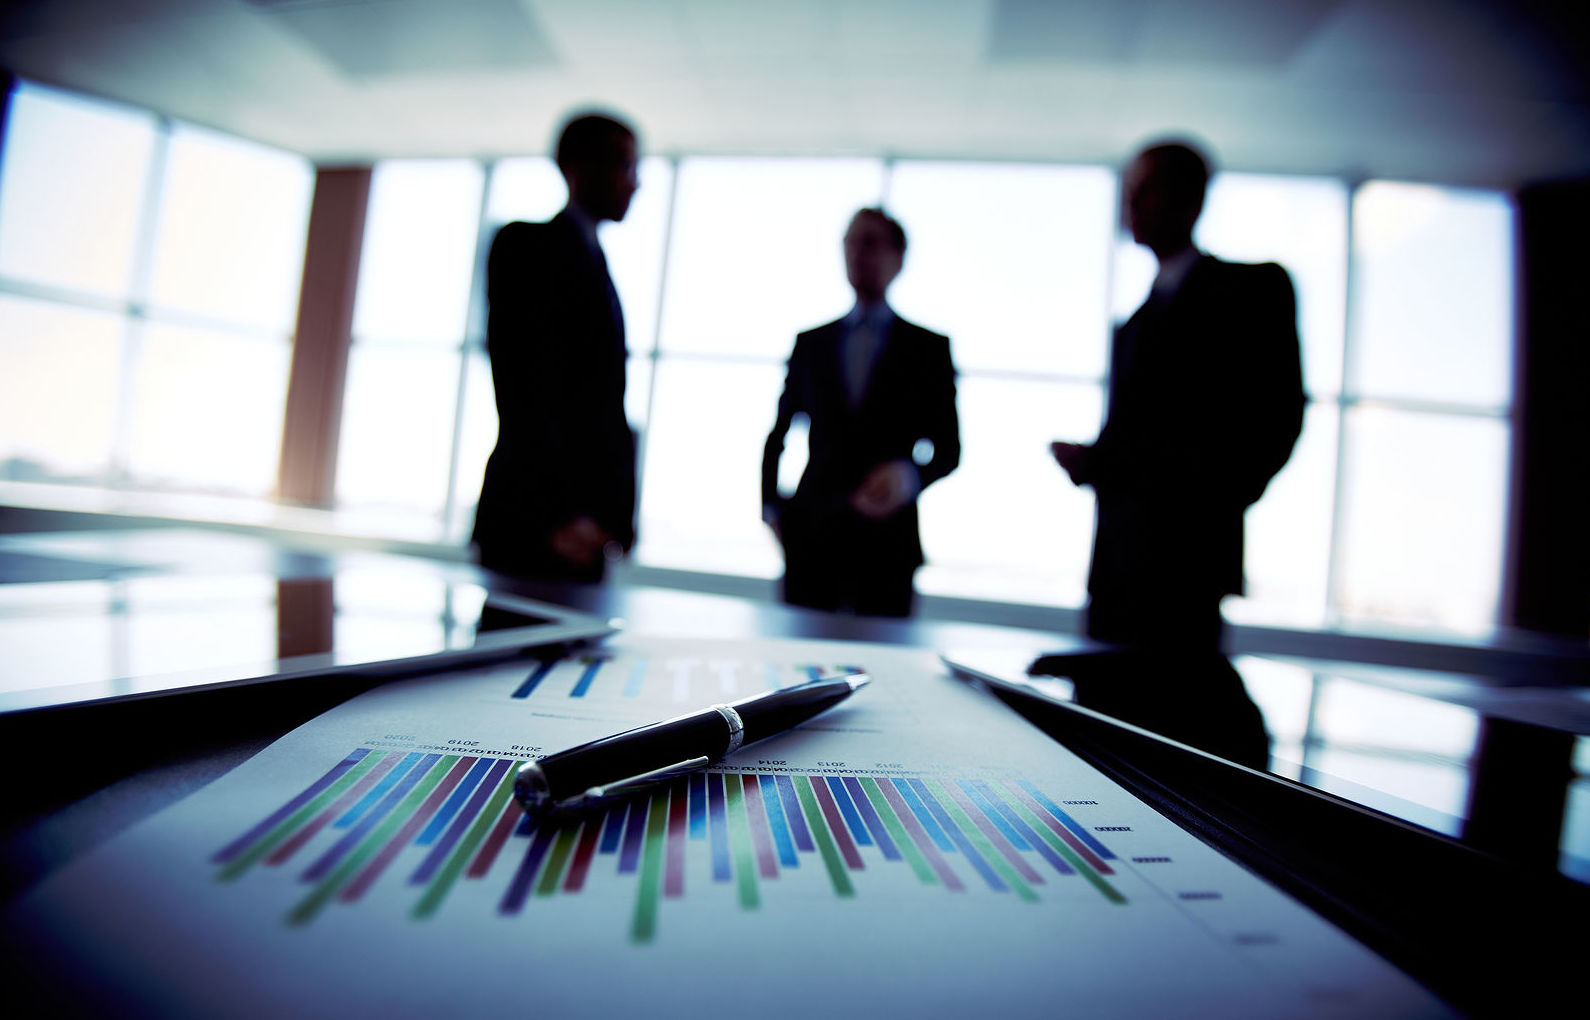 Servicios empresariales: Servicios de DETECTIVES BILBAO (Lic. 993 DGP)